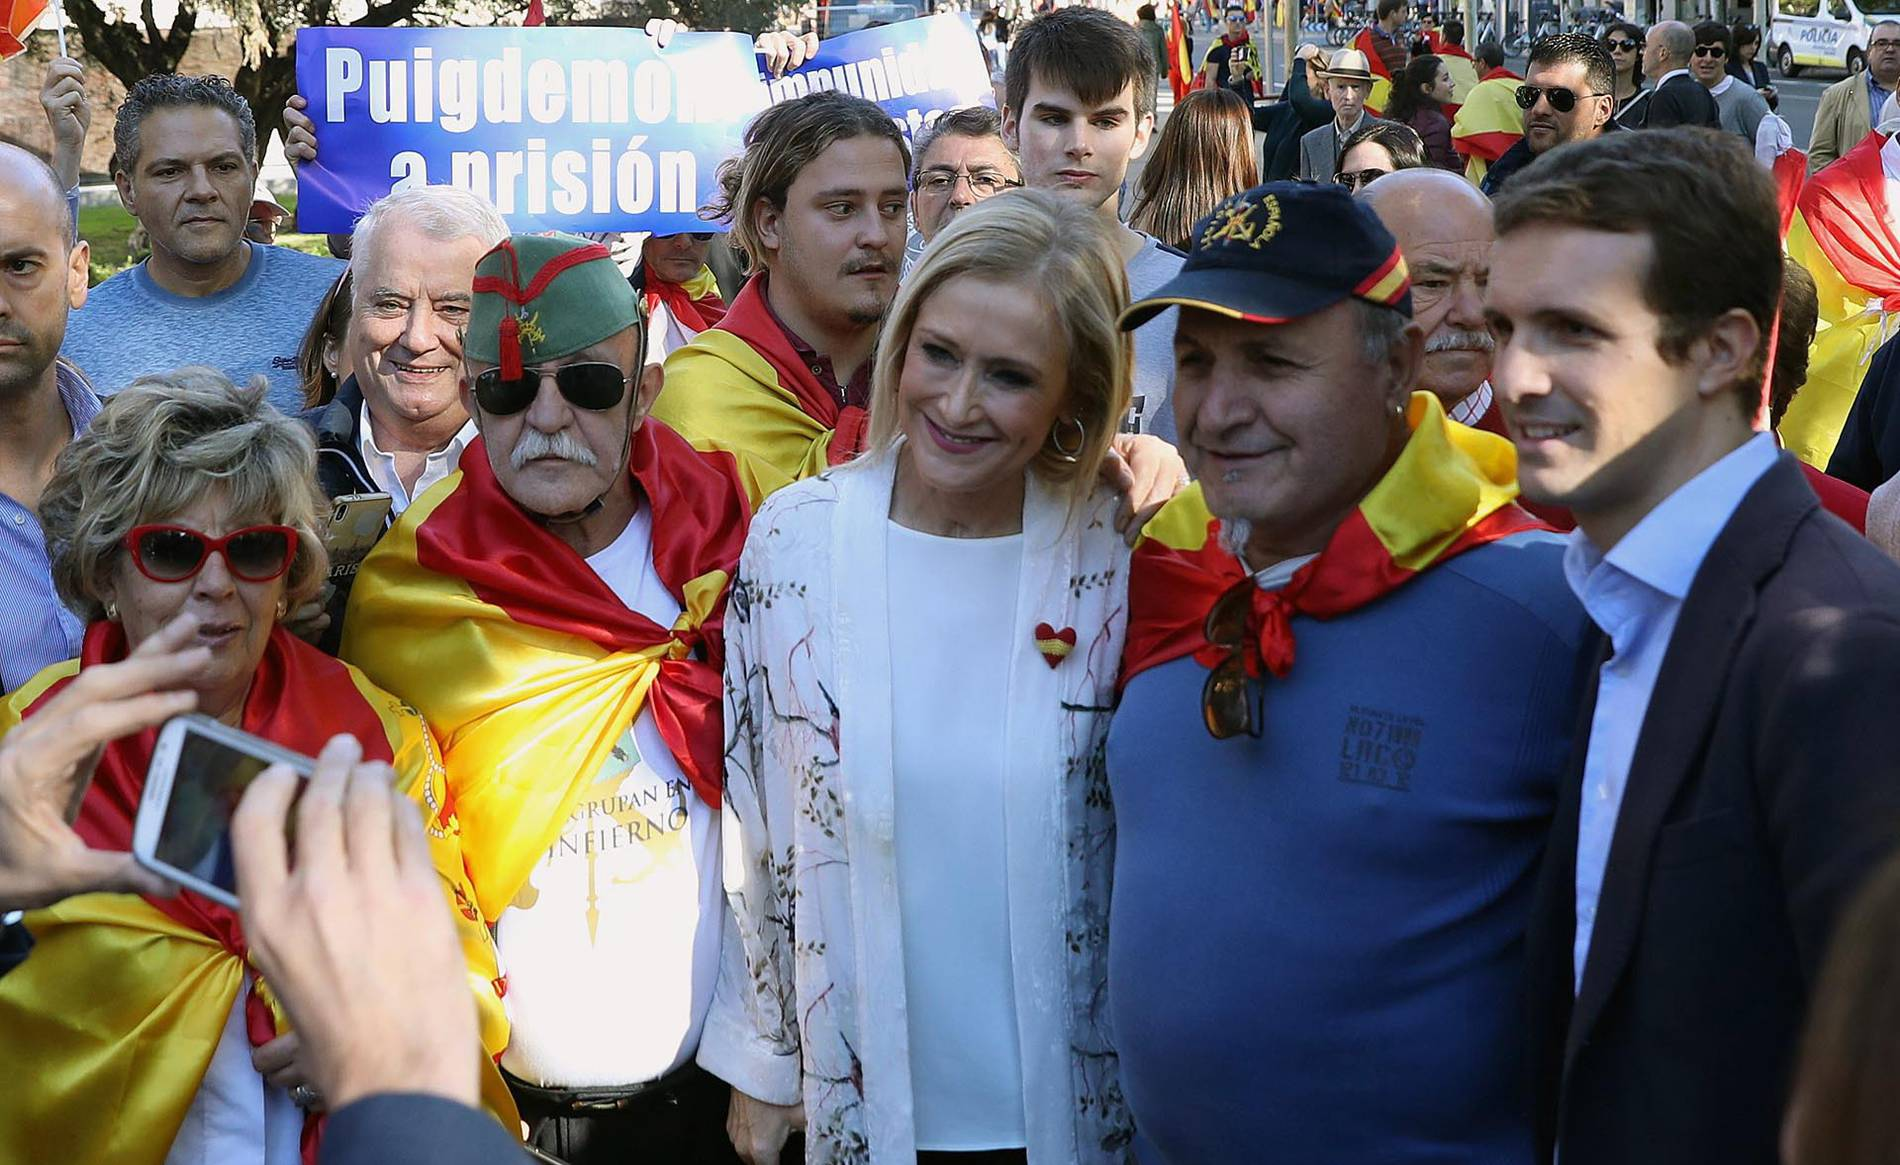 Manifestación en Madrid en defensa de la unidad de España (1/12) - Miles de personas han llenado la plaza de Colón - Nacional -